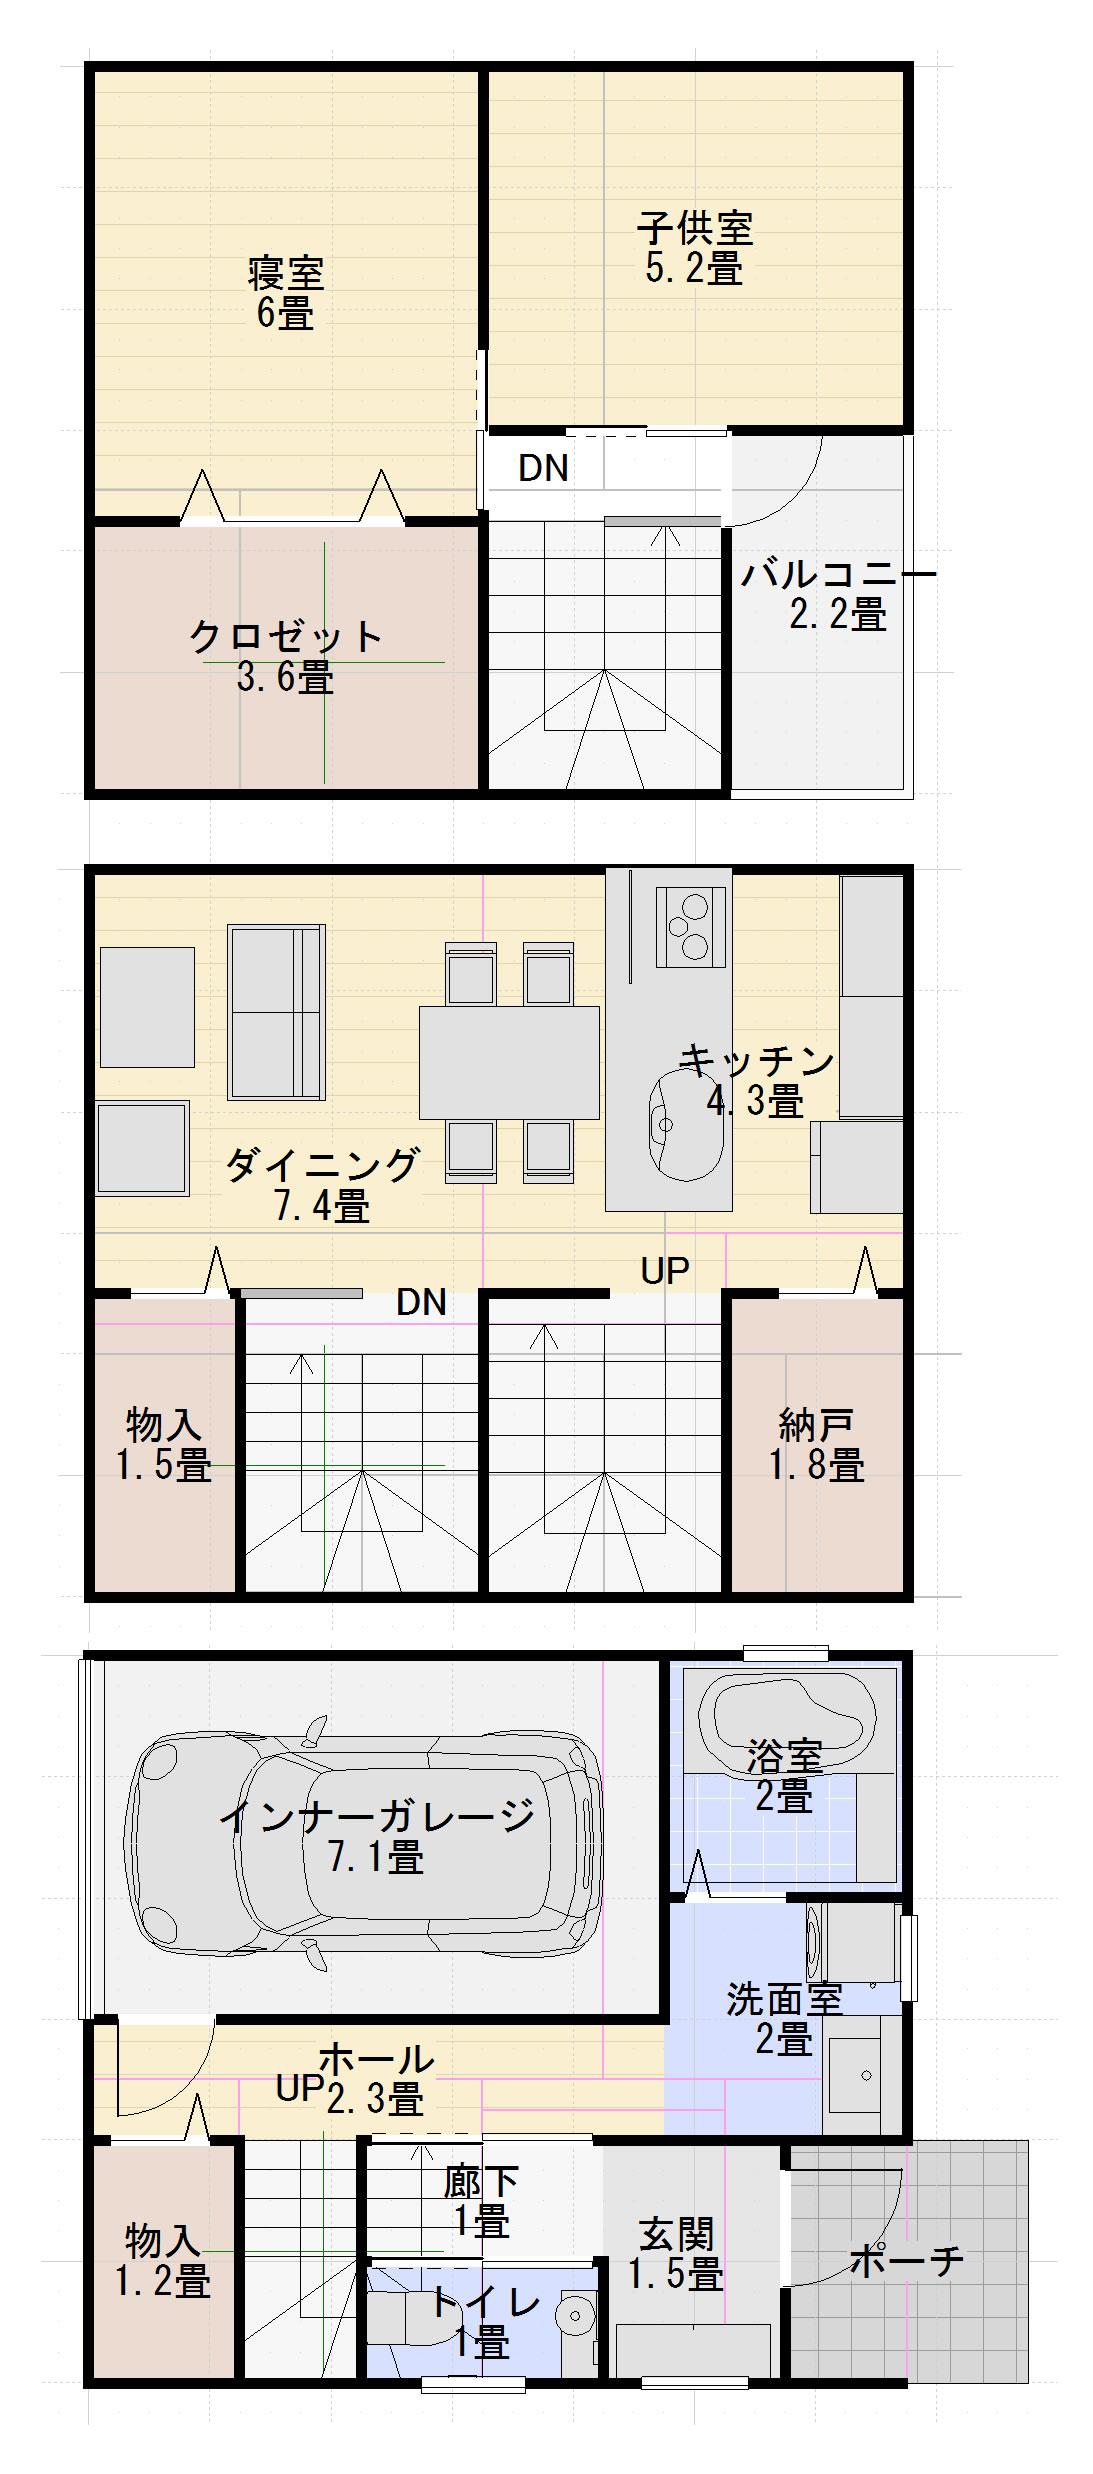 建坪10坪新築3階建ては狭い?画像